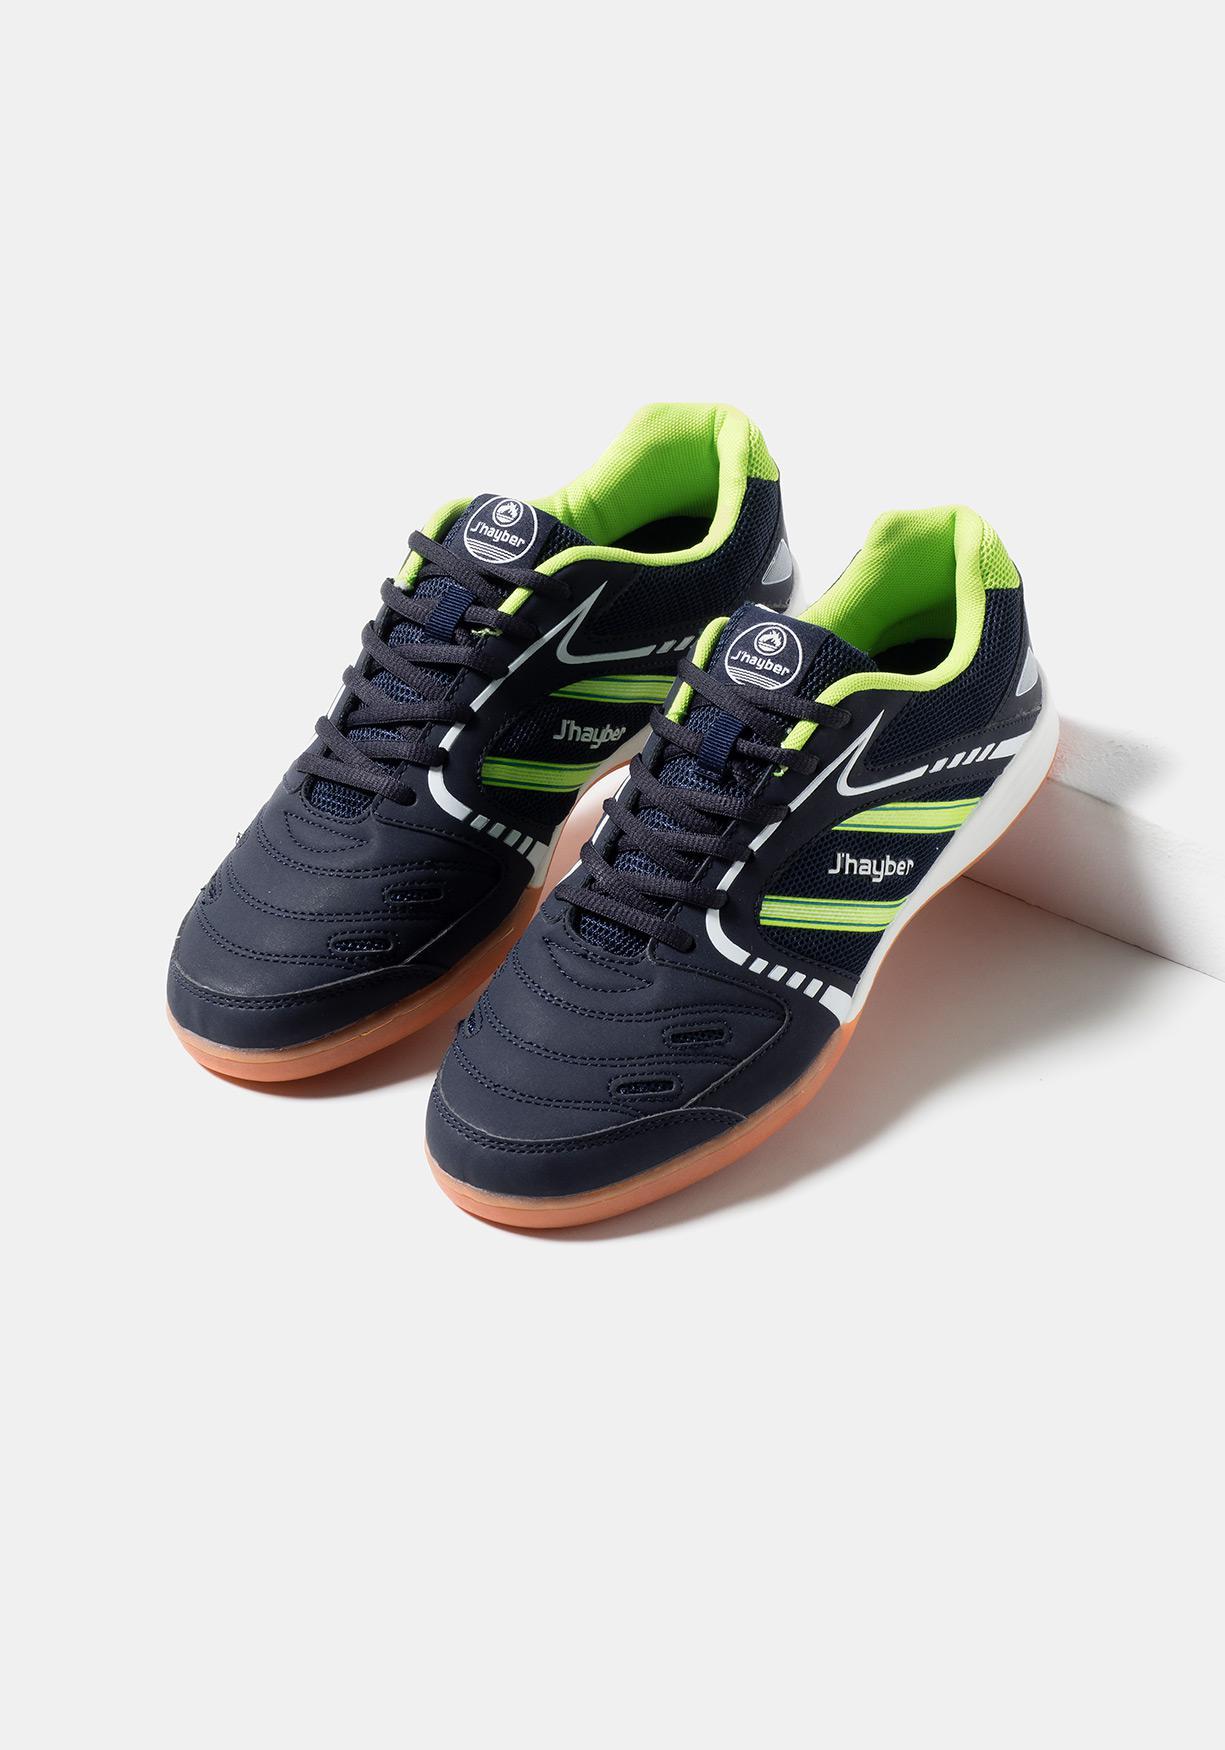 6673beeb4 Comprar Zapatillas de fútbol sala J`HAYBER. ¡Aprovéchate de nuestros ...